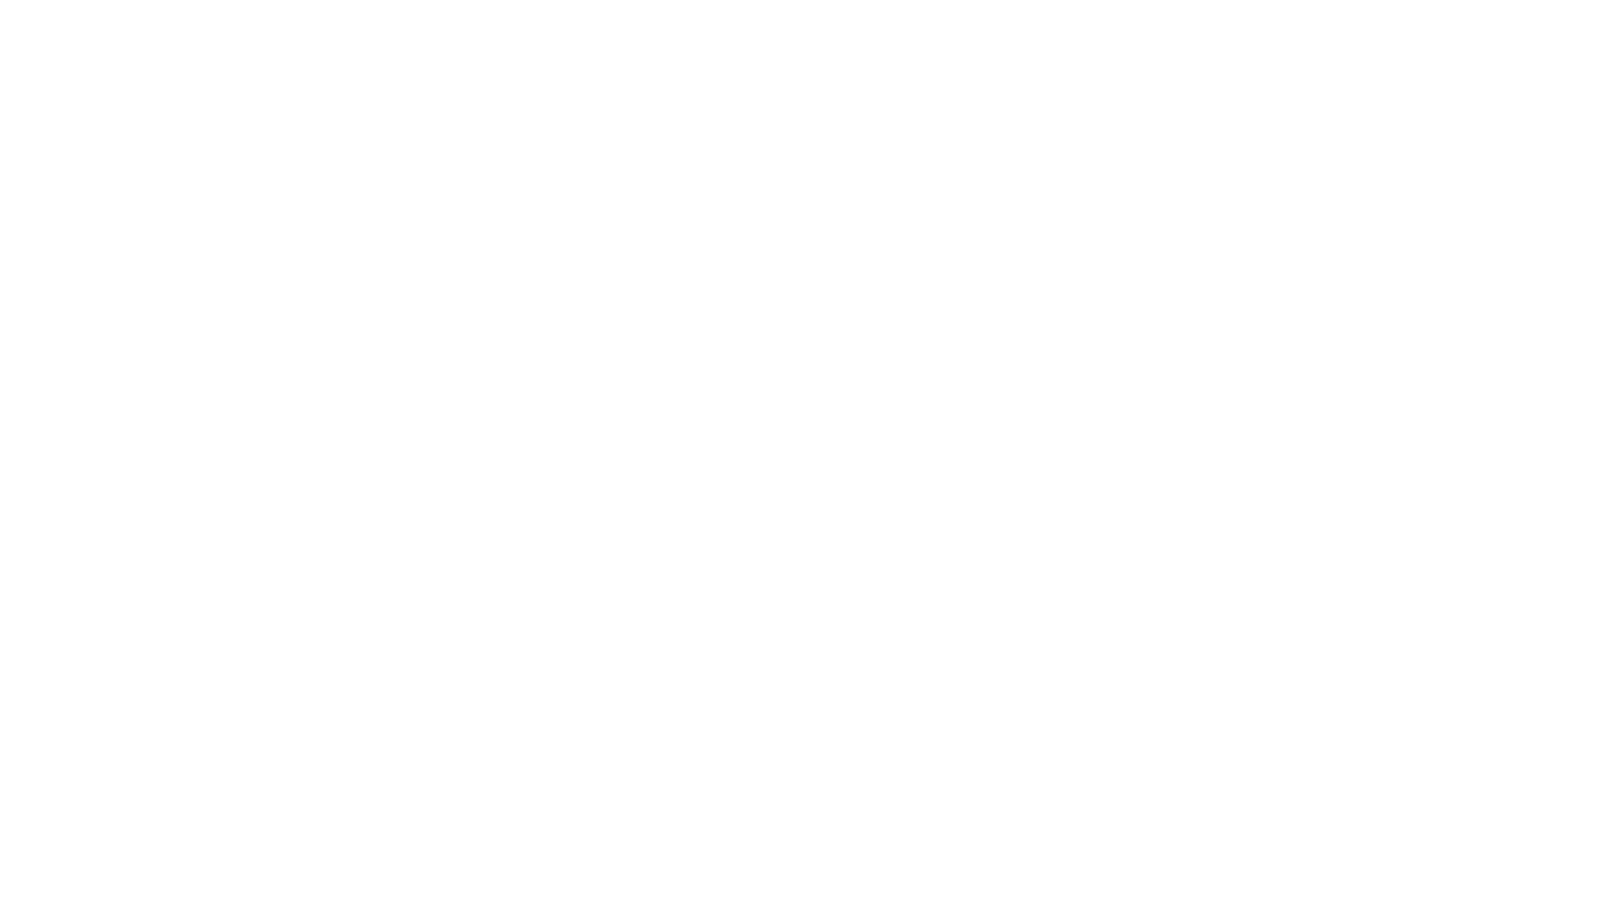 GeL 186 - Dia de resenha por aqui, vamos conversar um pouco sobre o livro Casa de Terra e Sangue, o primeiro da nova série da Sarah J. Maas, Cidade da Lua Crescente.  #garotasentrelivros #cidadedaluacrescente #sarahjmaas  Conhece o Kindle Unlimited? Teste gratuitamente por 30 dias: https://amzn.to/39eZoy7...  Conhece a Amazon Prime? Teste gratuitamente por 30 dias: https://amzn.to/3ak2uCu  Compre o livro e leia a resenha. Compre: https://amzn.to/3eCa3sv Resenha: https://bit.ly/3o8Lzdw  Outras resenhas da Sarah publicadas no blog Trono de Vidro: https://bit.ly/33xC5iK Corte de Espinhos e Rosas: http://bit.ly/2EviSlJ Corte de Névoa e Fúria: http://bit.ly/2YMuf01  Conheça o blog e confira as resenhas! https://www.garotasentrelivros.com/...  Participe do nosso clube de leitura! https://www.facebook.com/groups/buddy......  Siga o GeL nas redes sociais! Facebook: http://bit.ly/2qyXzfj... Twitter: http://bit.ly/2OjG5wt... Instagram: http://bit.ly/2Ojqih1... Skoob: http://bit.ly/34qRKzi